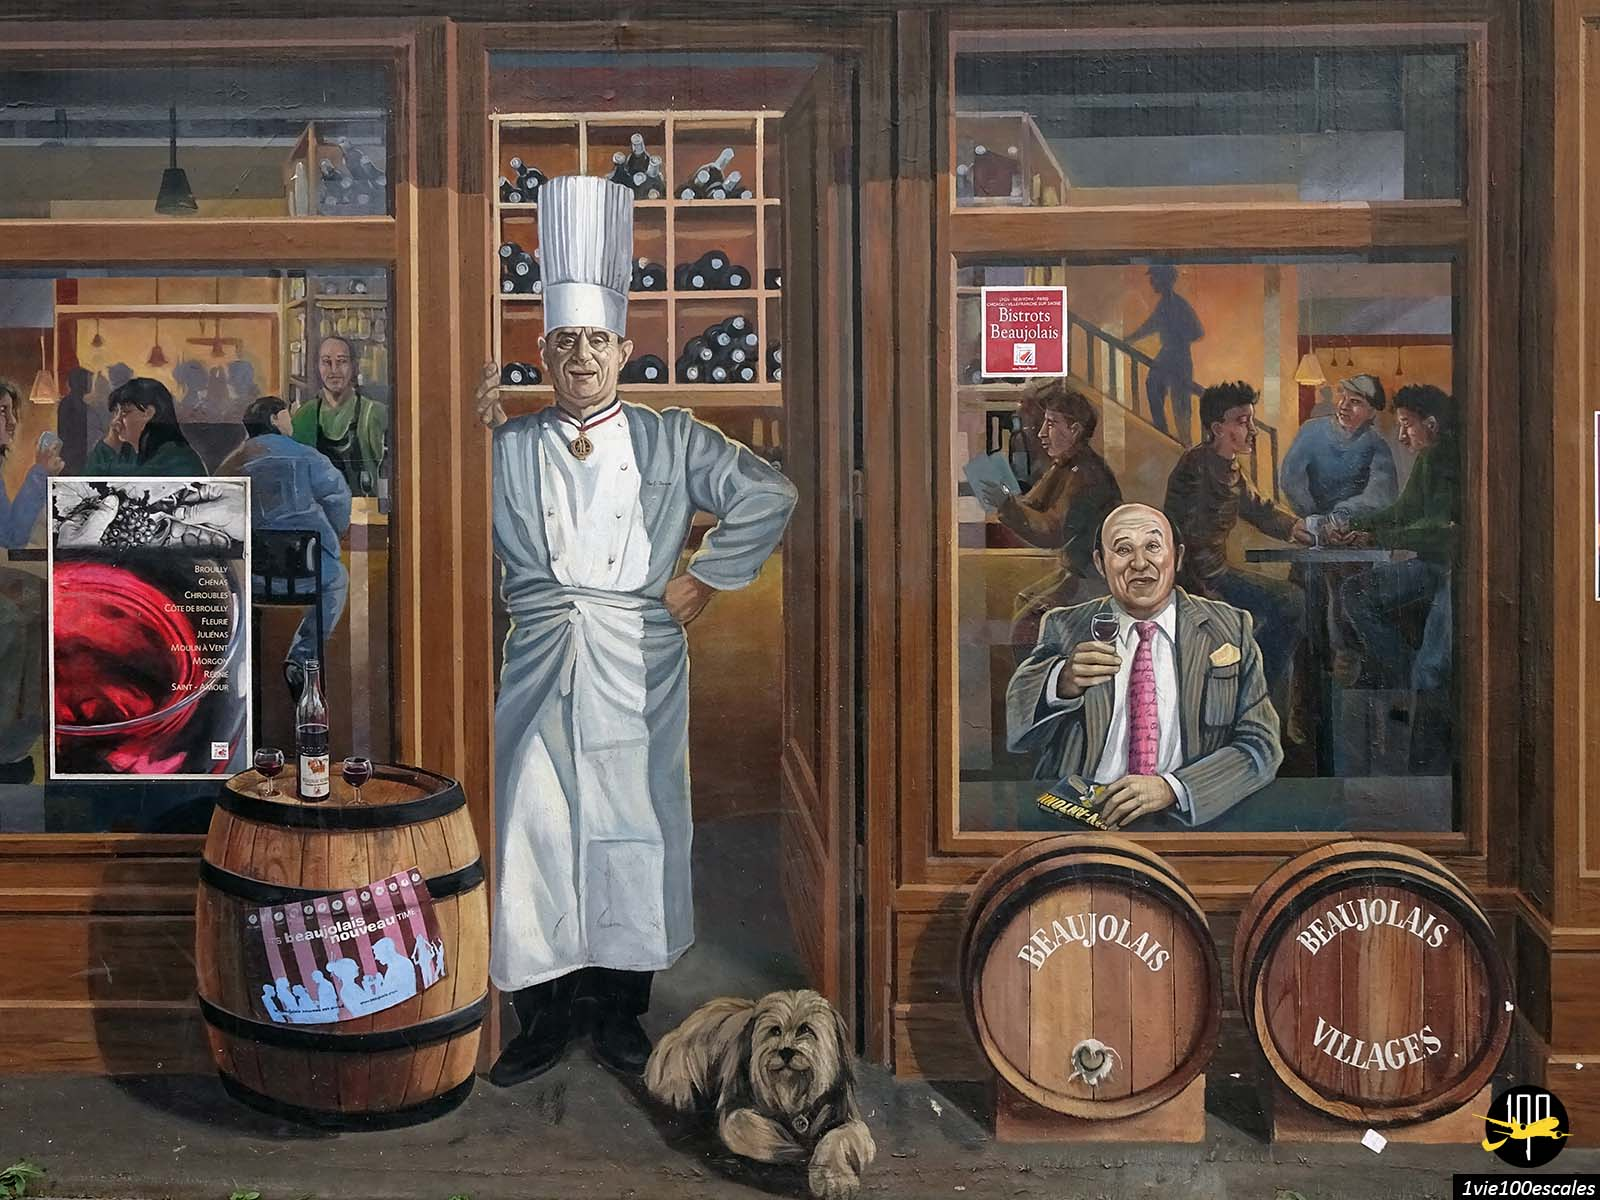 La Fresque des Lyonnais avec le chef Paul Bocuse